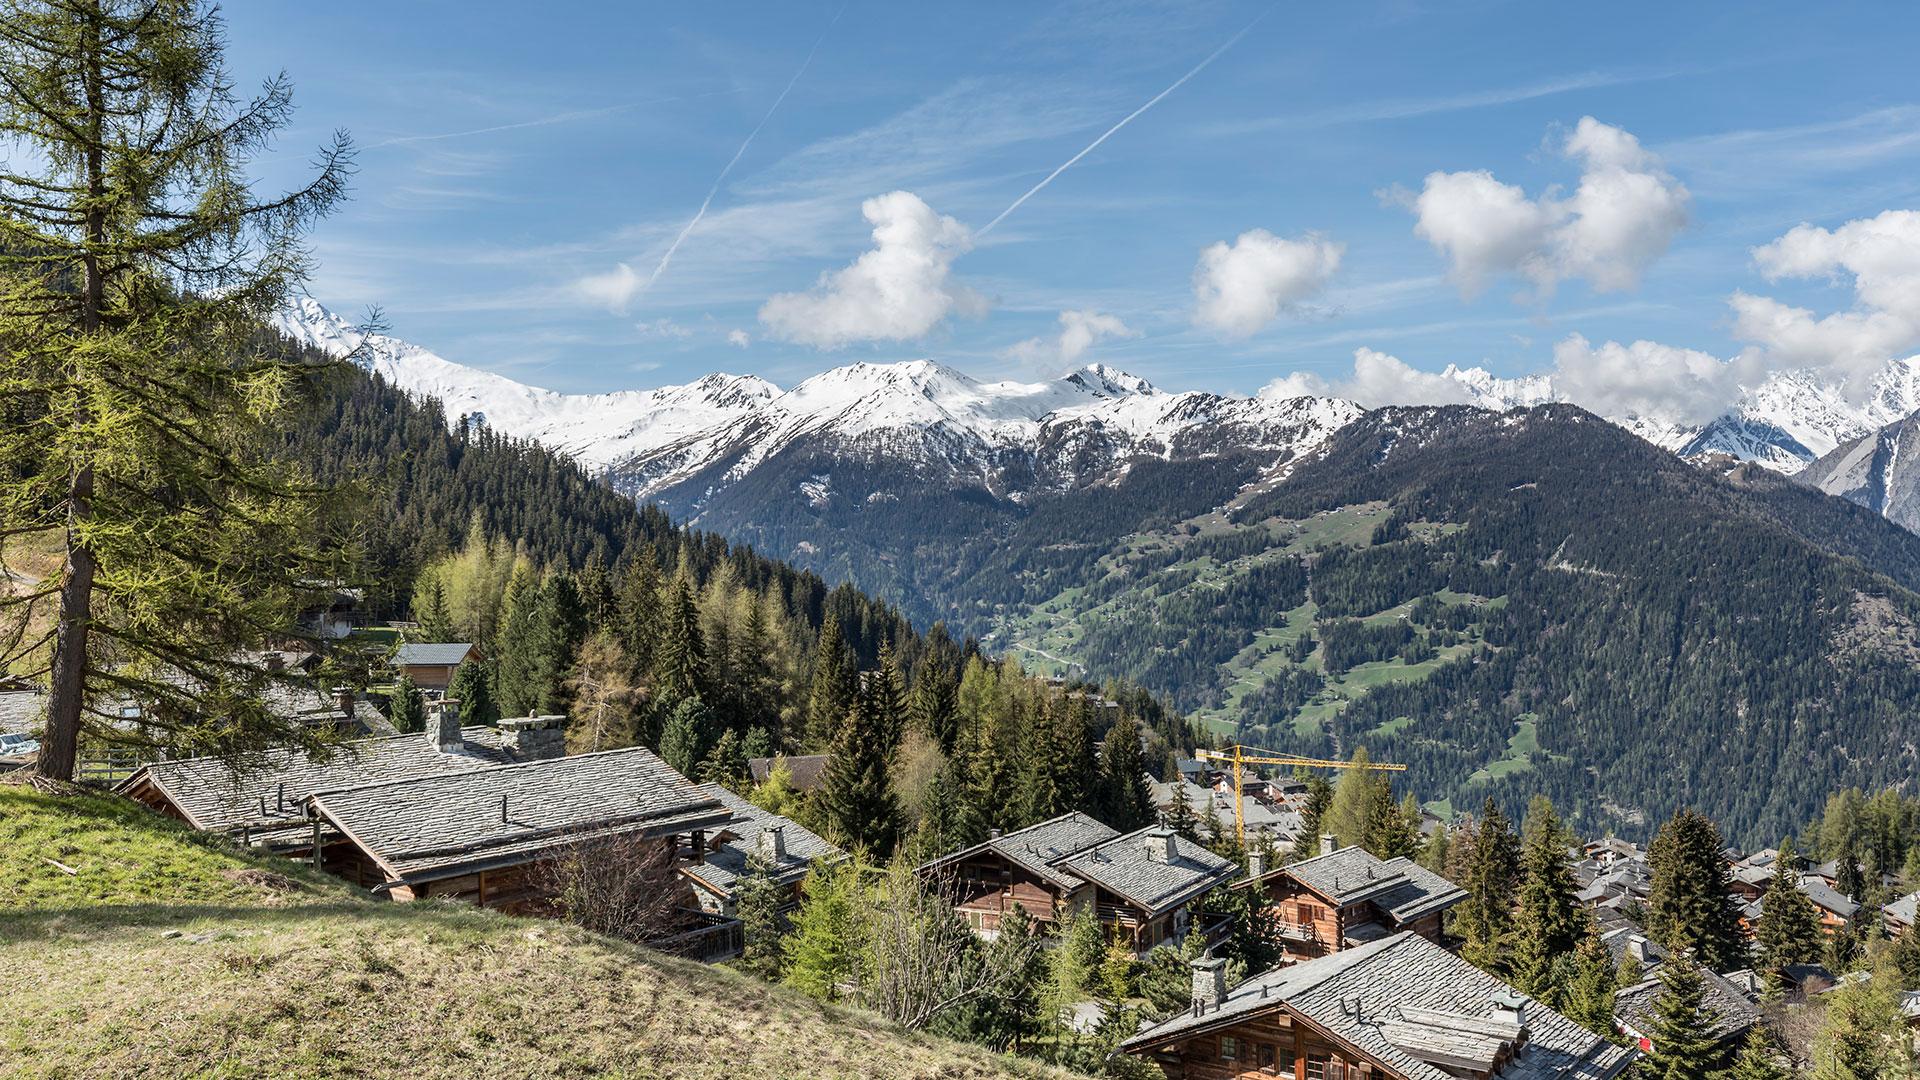 Chalet Kewanee Chalet, Switzerland